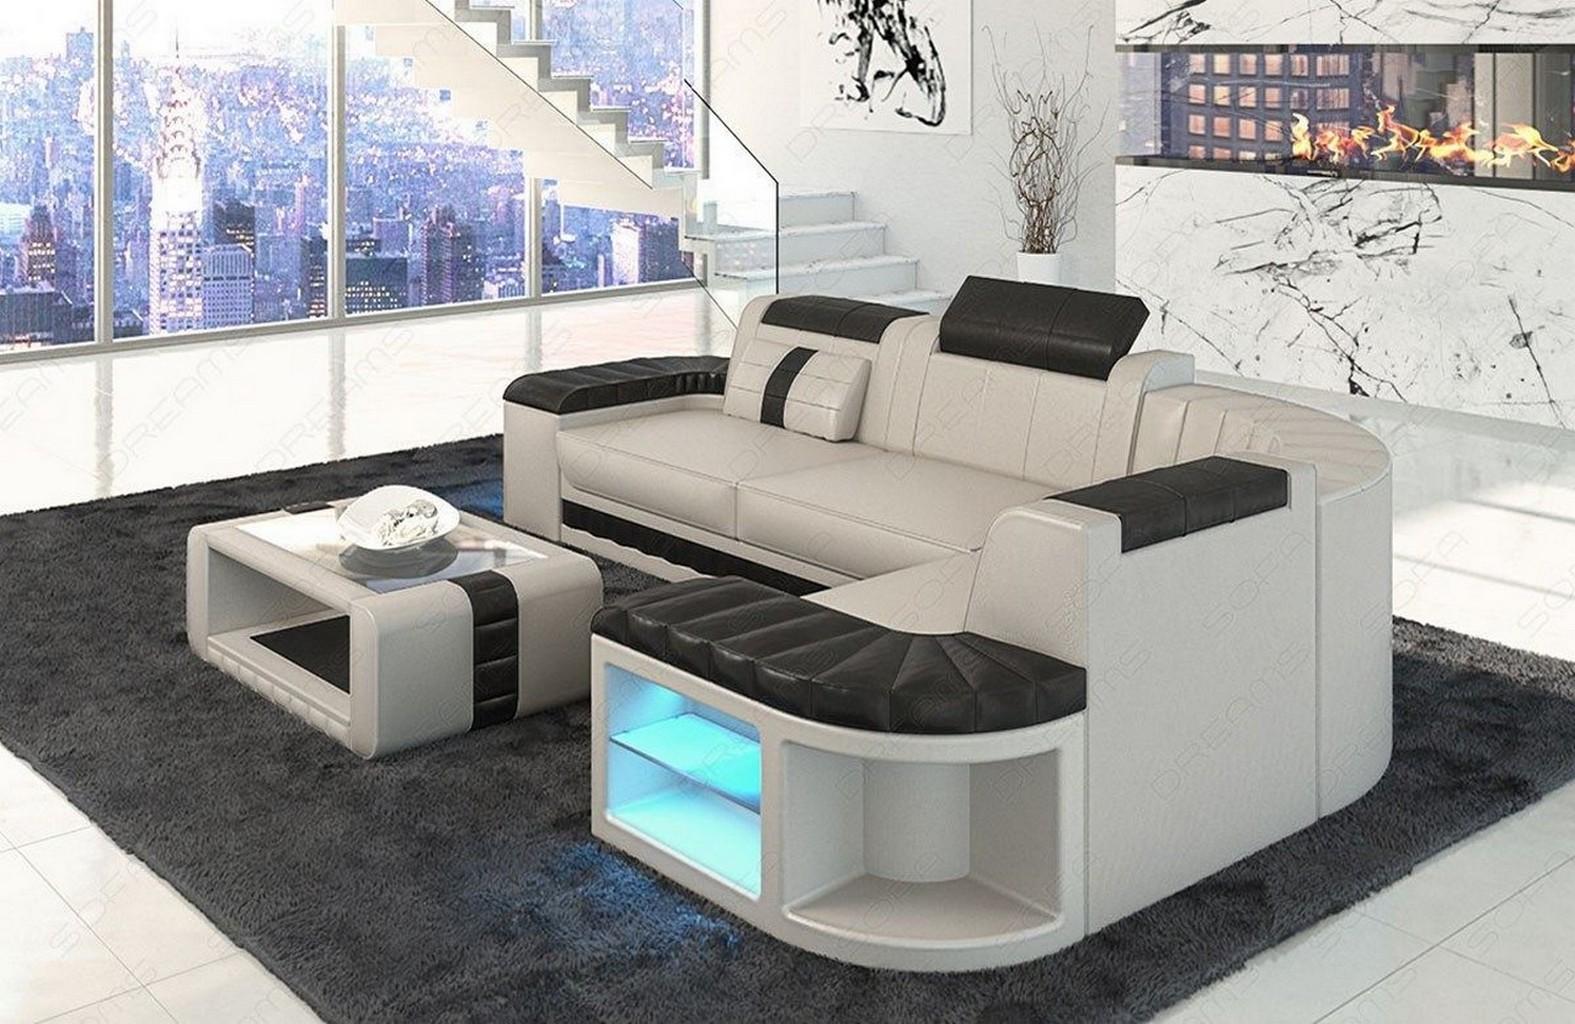 ecksofa mit beleuchtung sofa mit schlaffunktion von. Black Bedroom Furniture Sets. Home Design Ideas